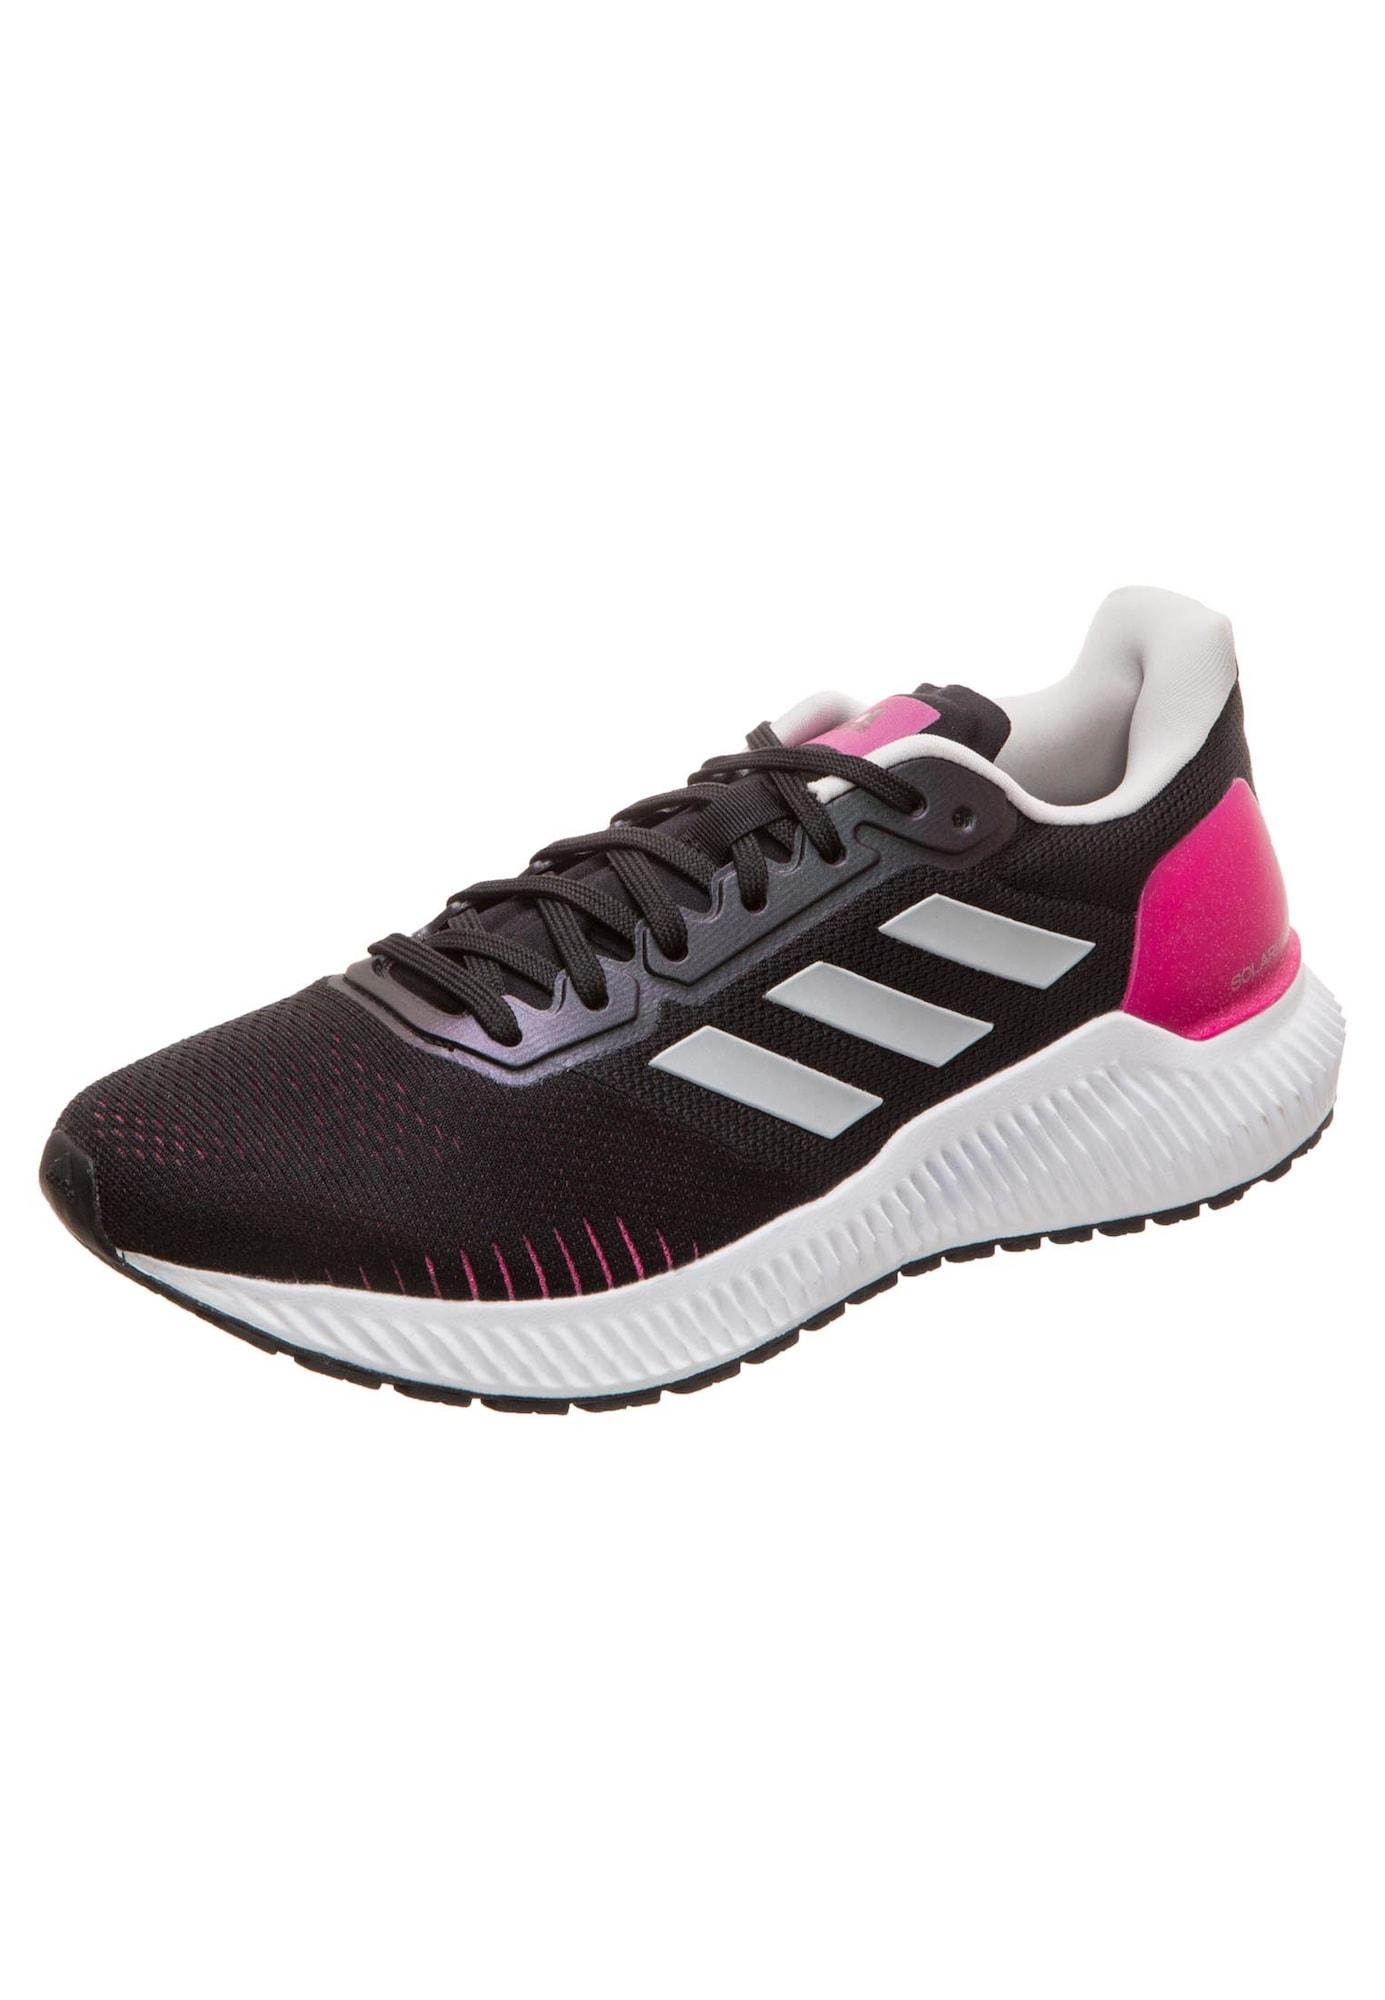 Laufschuh 'Solar Ride' | Schuhe > Sportschuhe | adidas performance